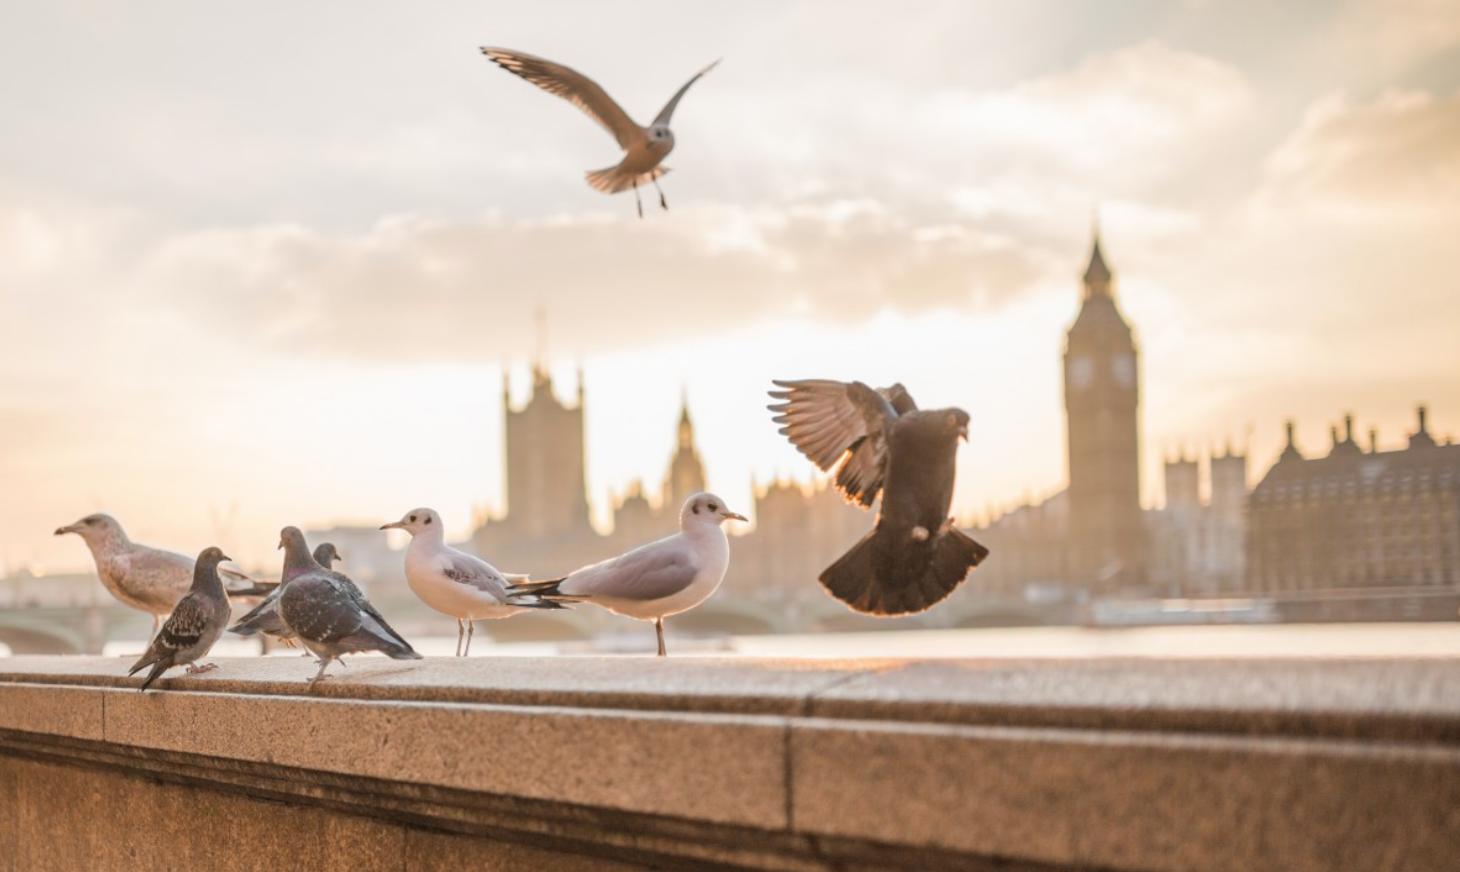 Comment aider les oiseaux pendant la canicule